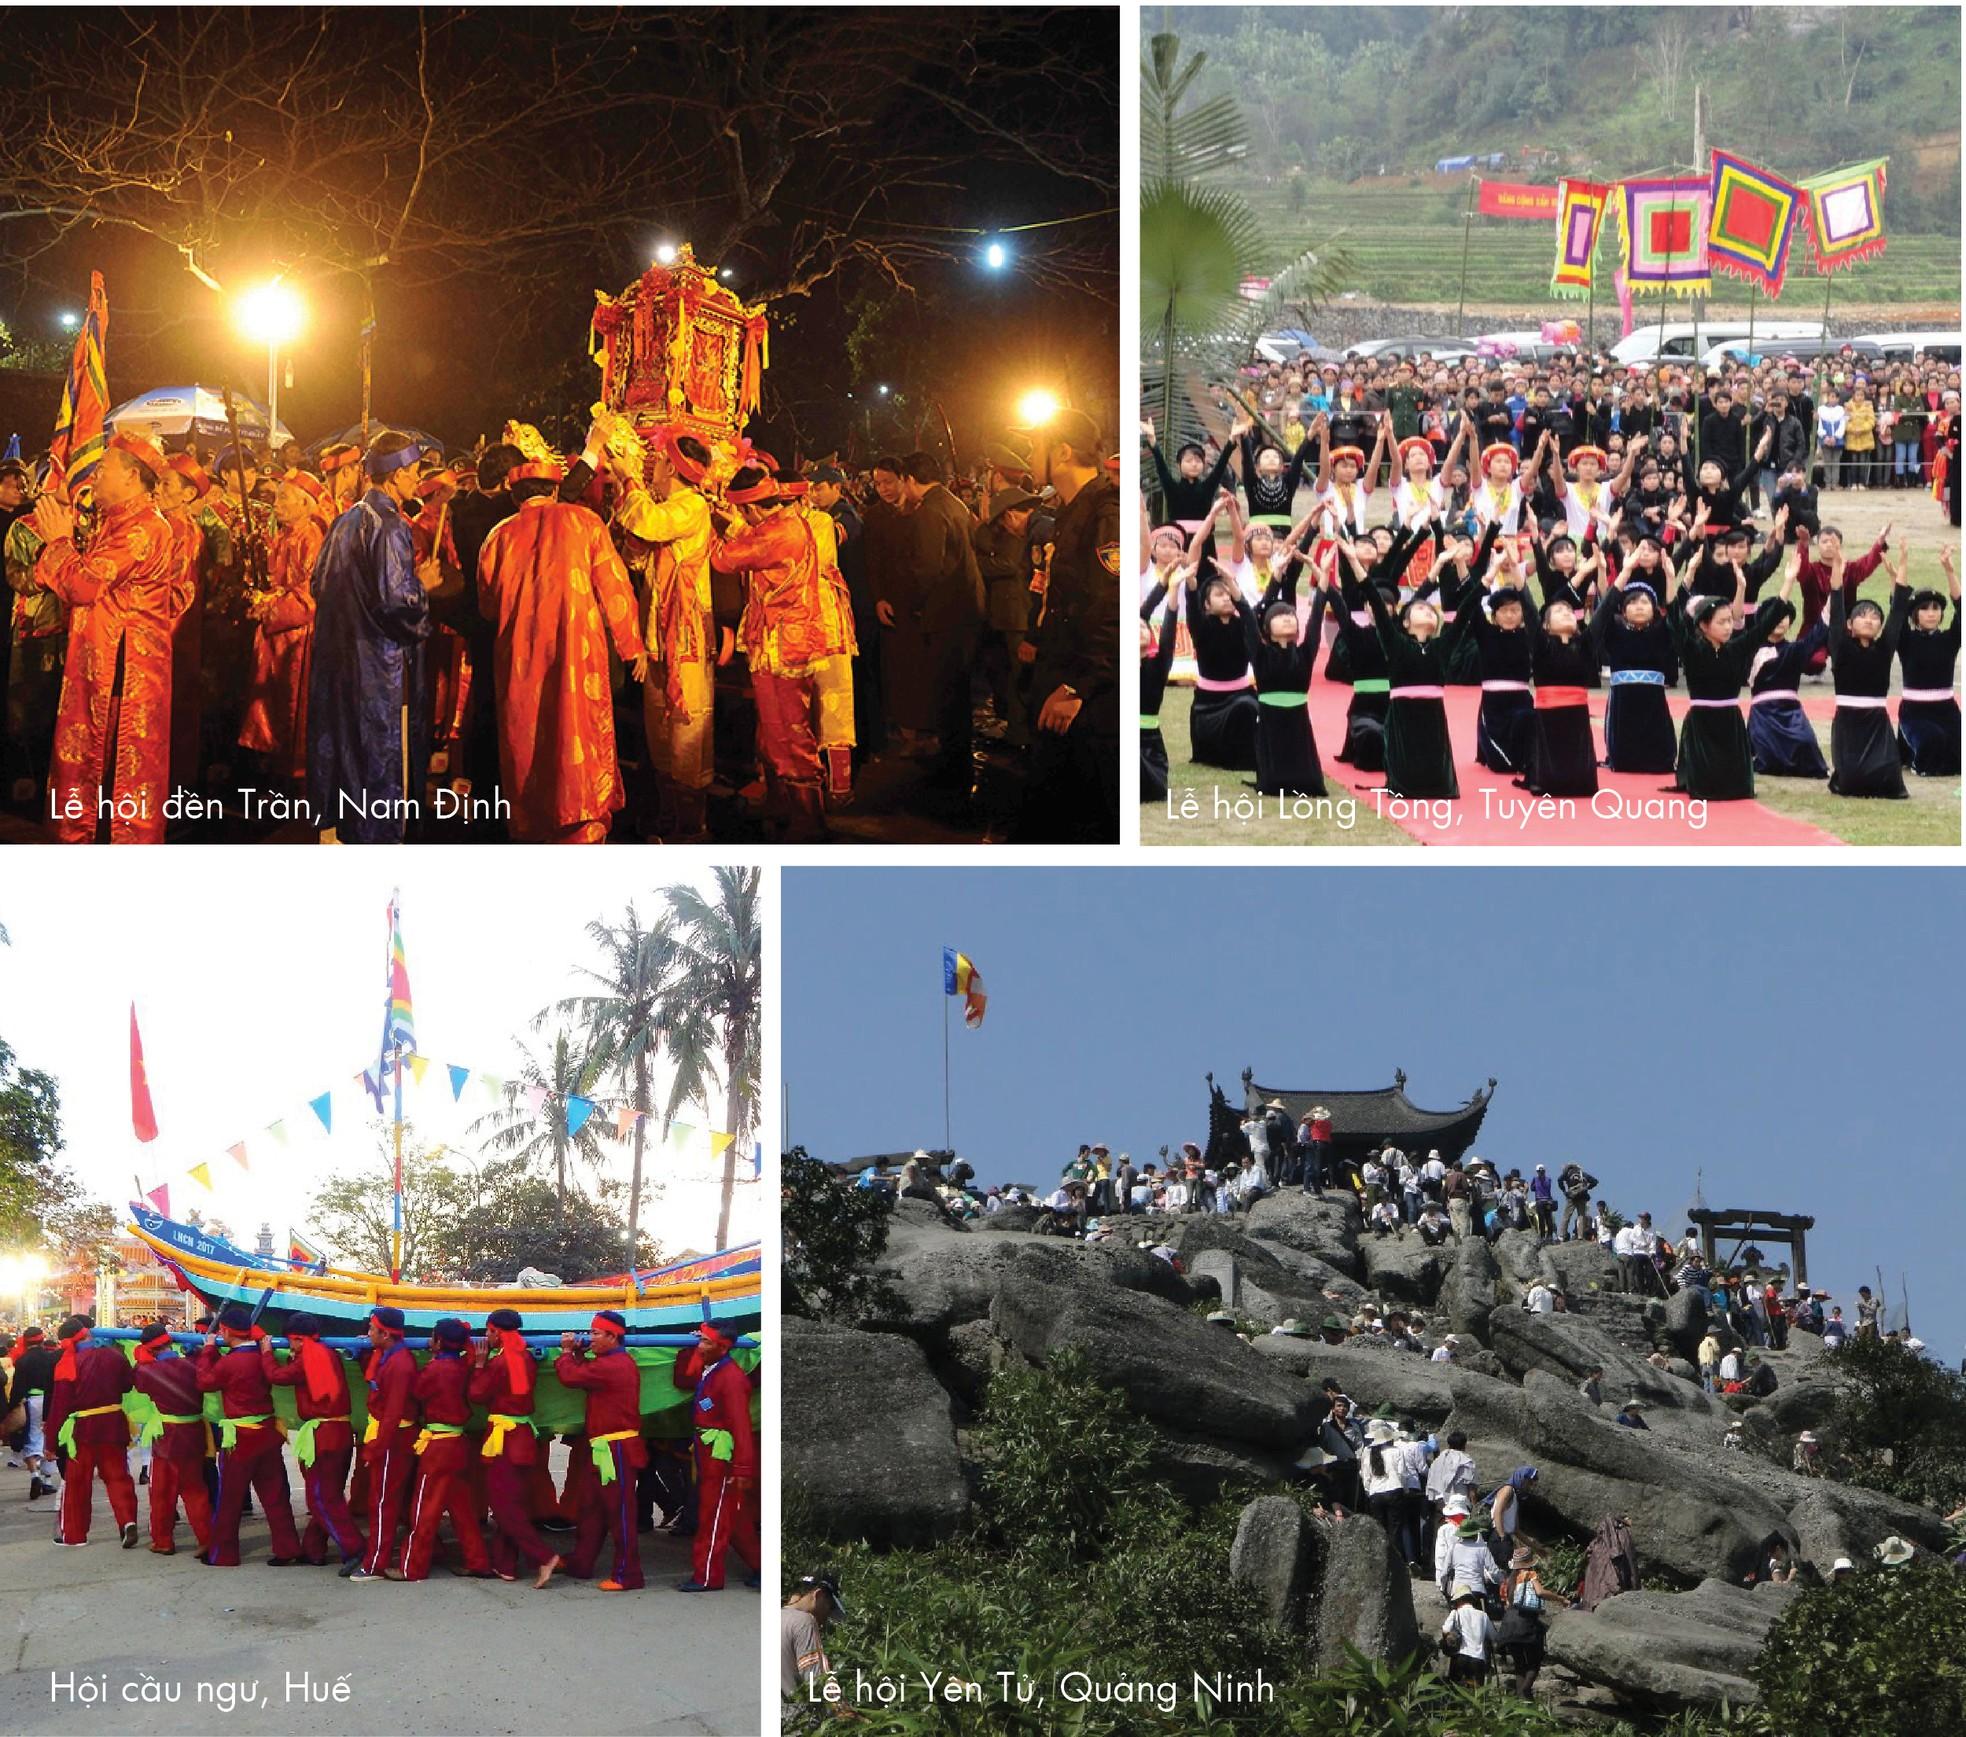 Những lễ hội đầu Xuân được mong đợi nhất trong dịp tết Nguyên Đán ảnh 3